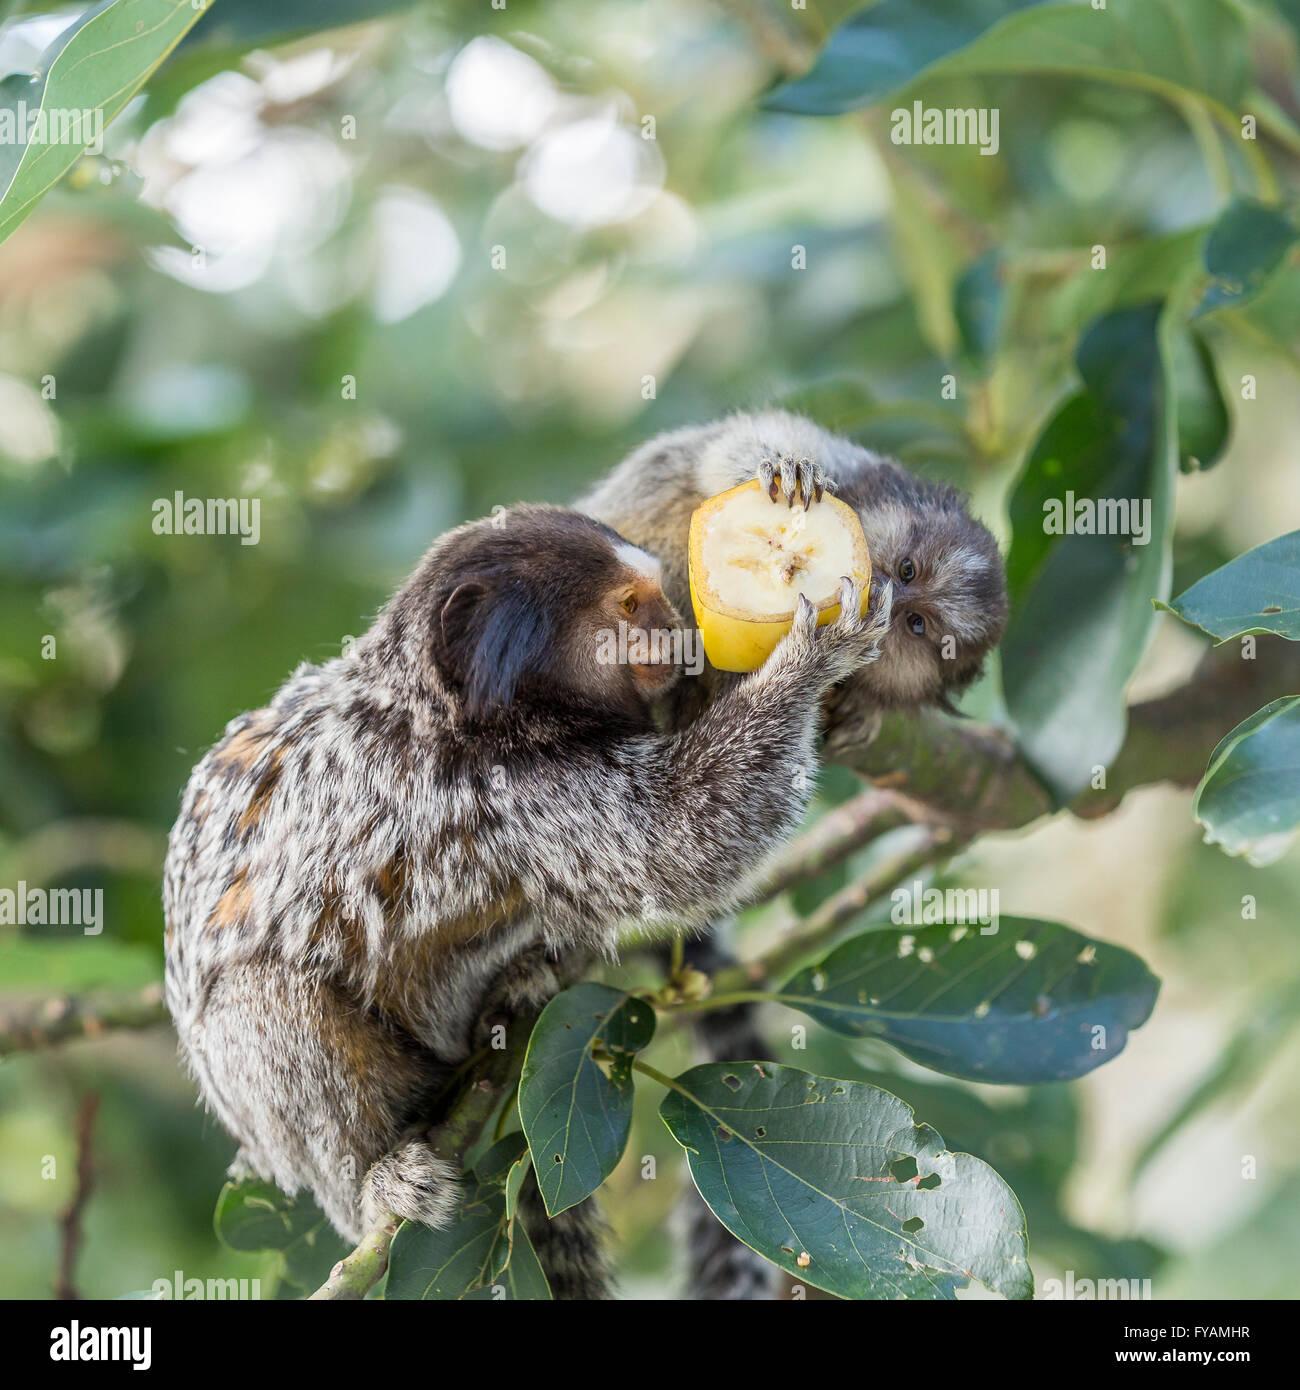 Mom And Puppy Marmoset Monkeys Eating Banana Stock Photo 102883251